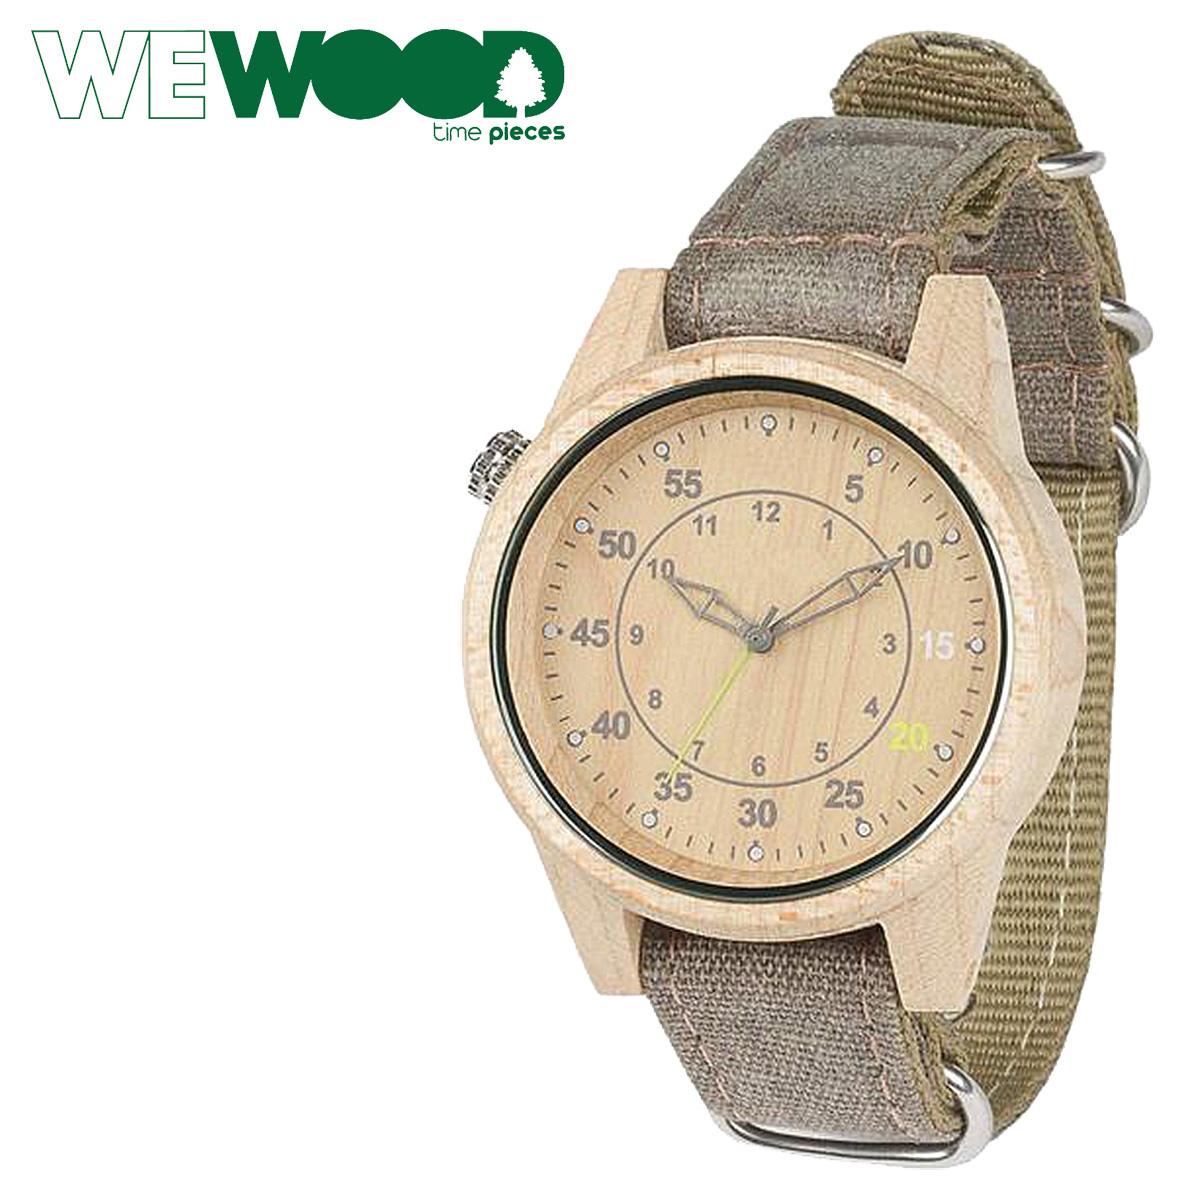 ウィーウッド 腕時計 WEWOOD メンズ レディース DUHBE BEIGE CHOCO WDUCHB グレー